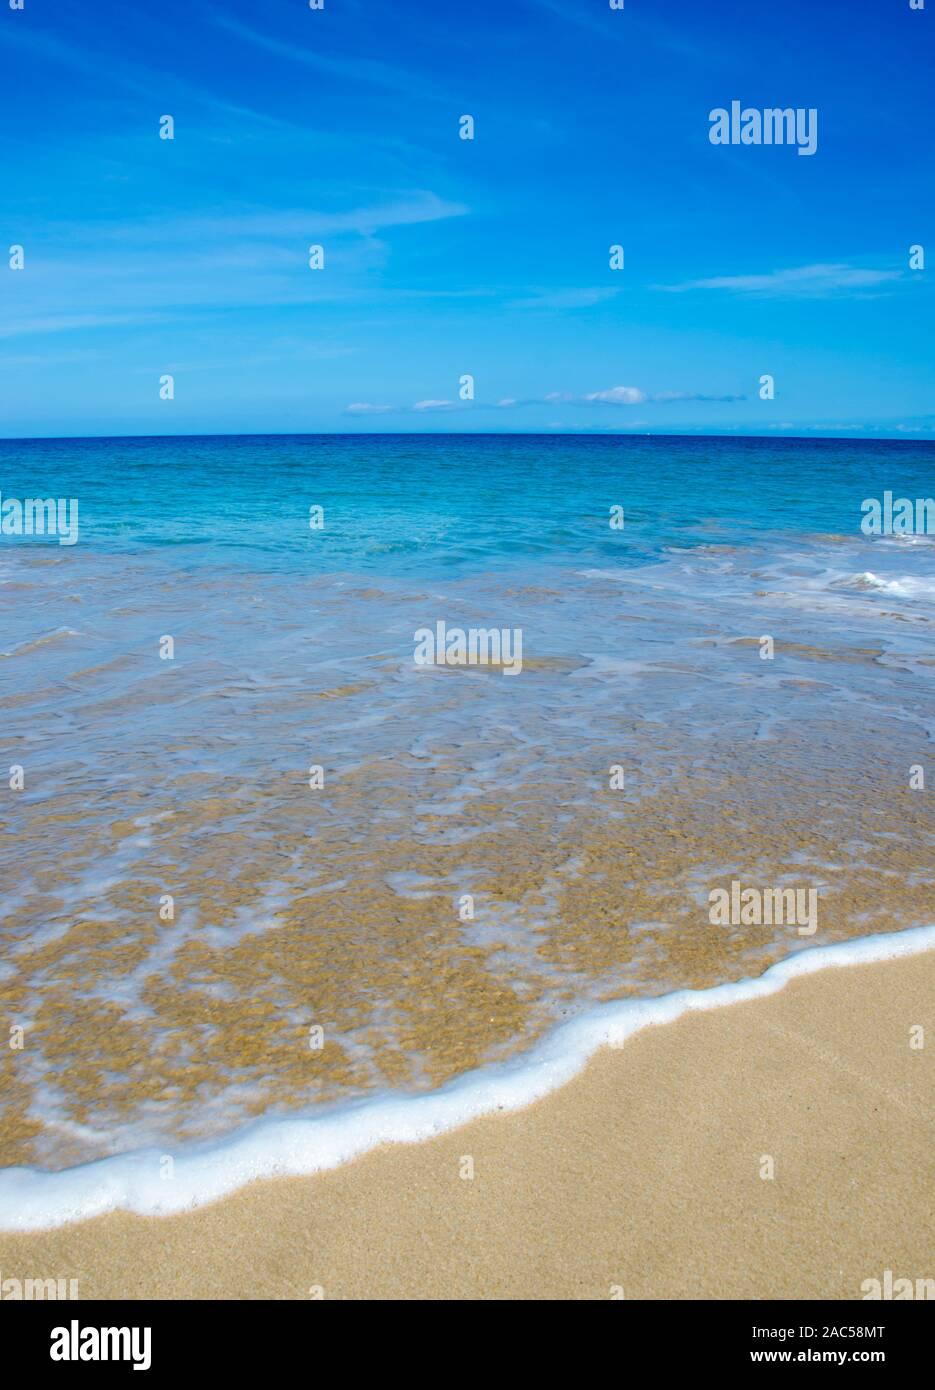 Hapuna Beach, a lo largo de la Isla Grande de Hawai'i's Kohala Coast. Esta playa de arena blanca, ha sido calificada como una de las mejores playas del mundo y el tiempo Foto de stock